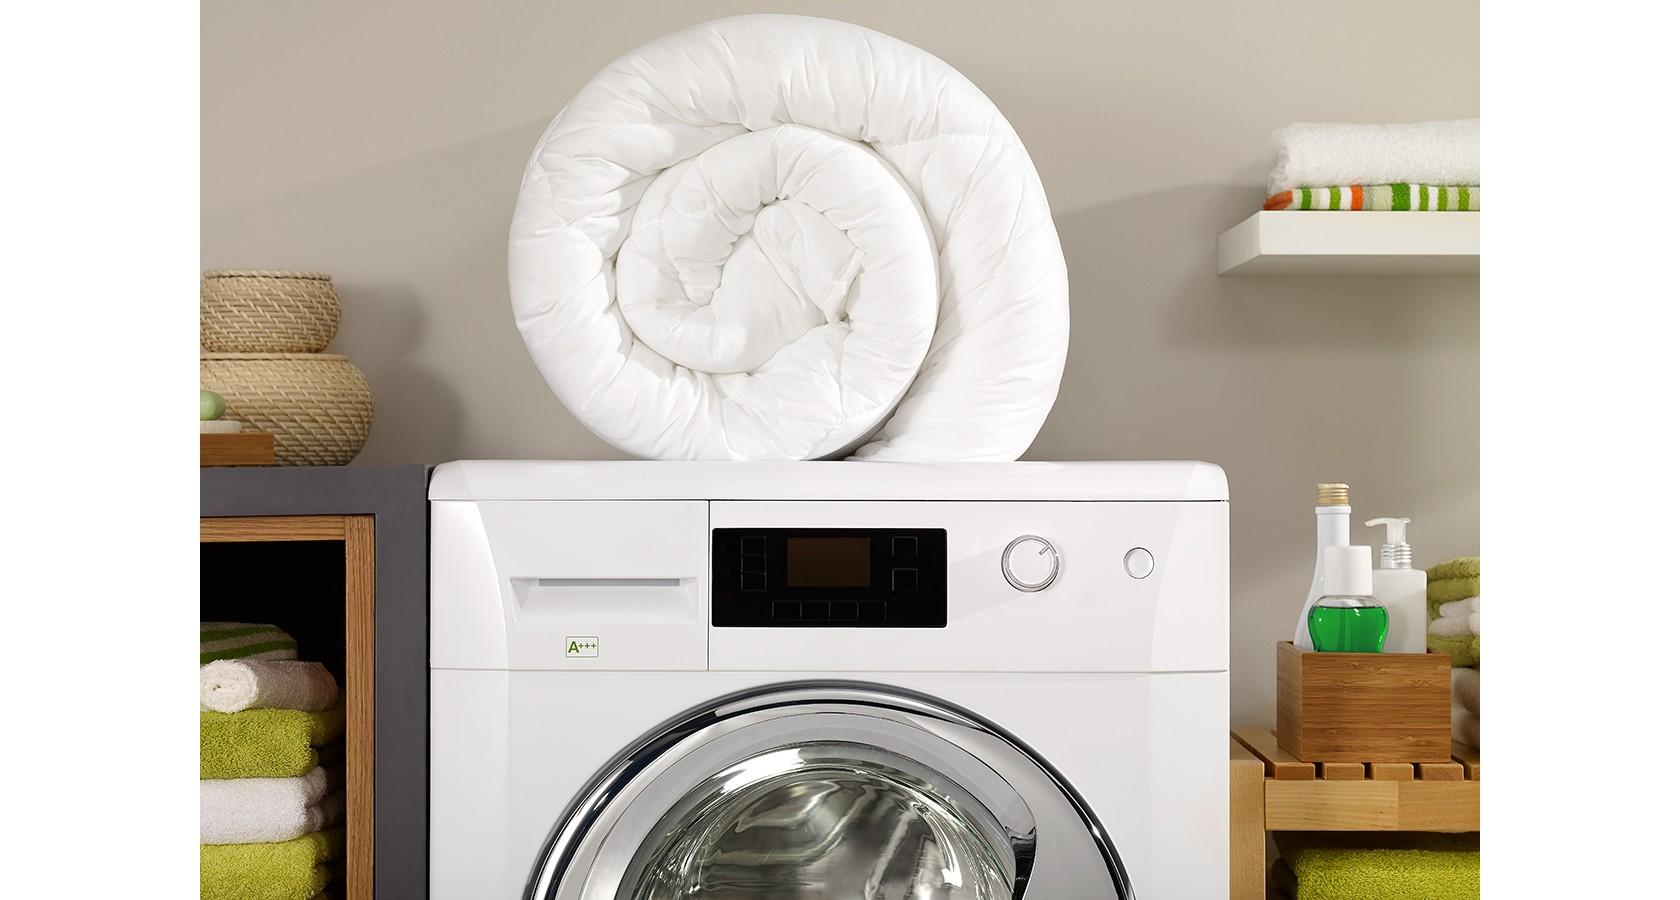 Hygienisch saubere Bettwäsche, Waschmaschine mit Handtuch